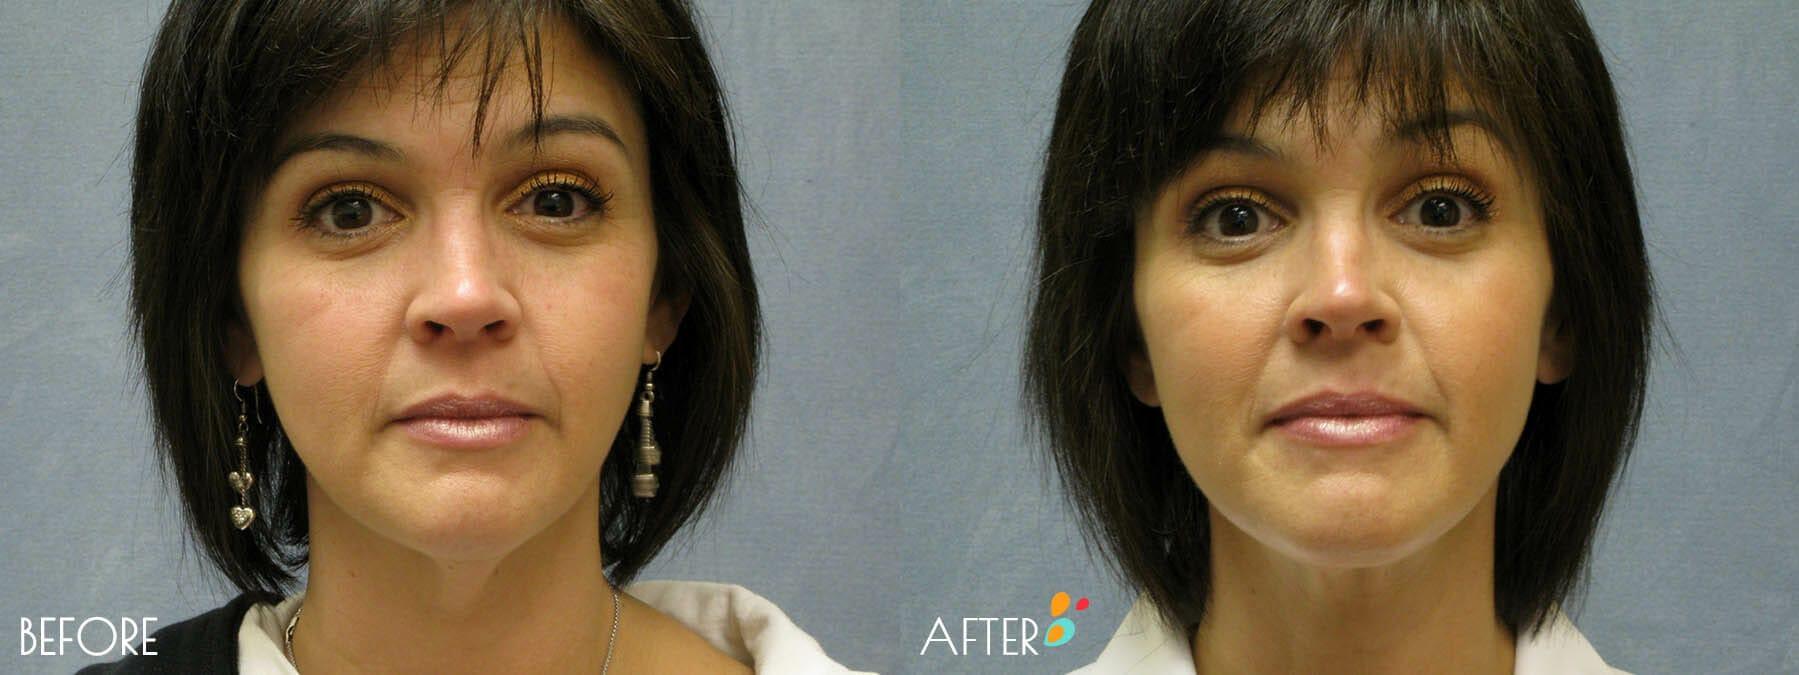 Face Lift Patient 06, Front